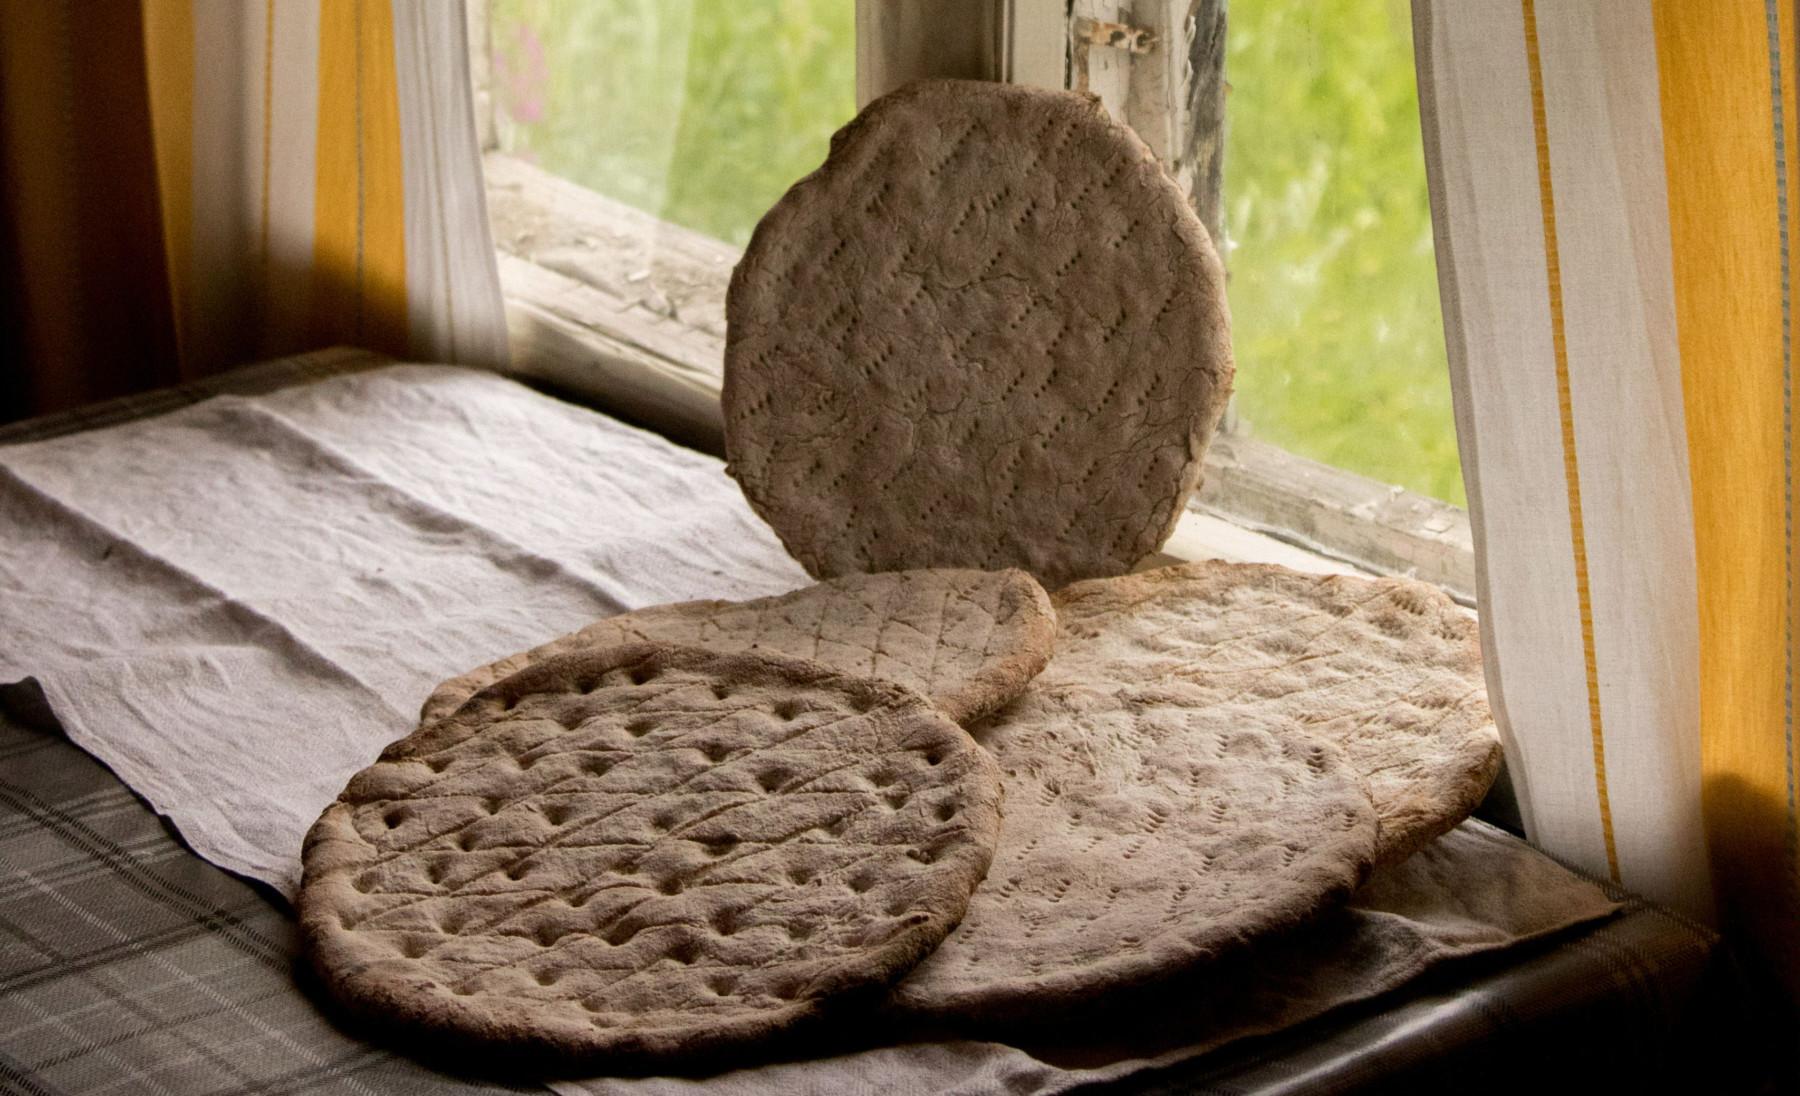 Mehrere runde, flache Brotstücke sind auf einem Tisch vor einem Fenster angeordnet.